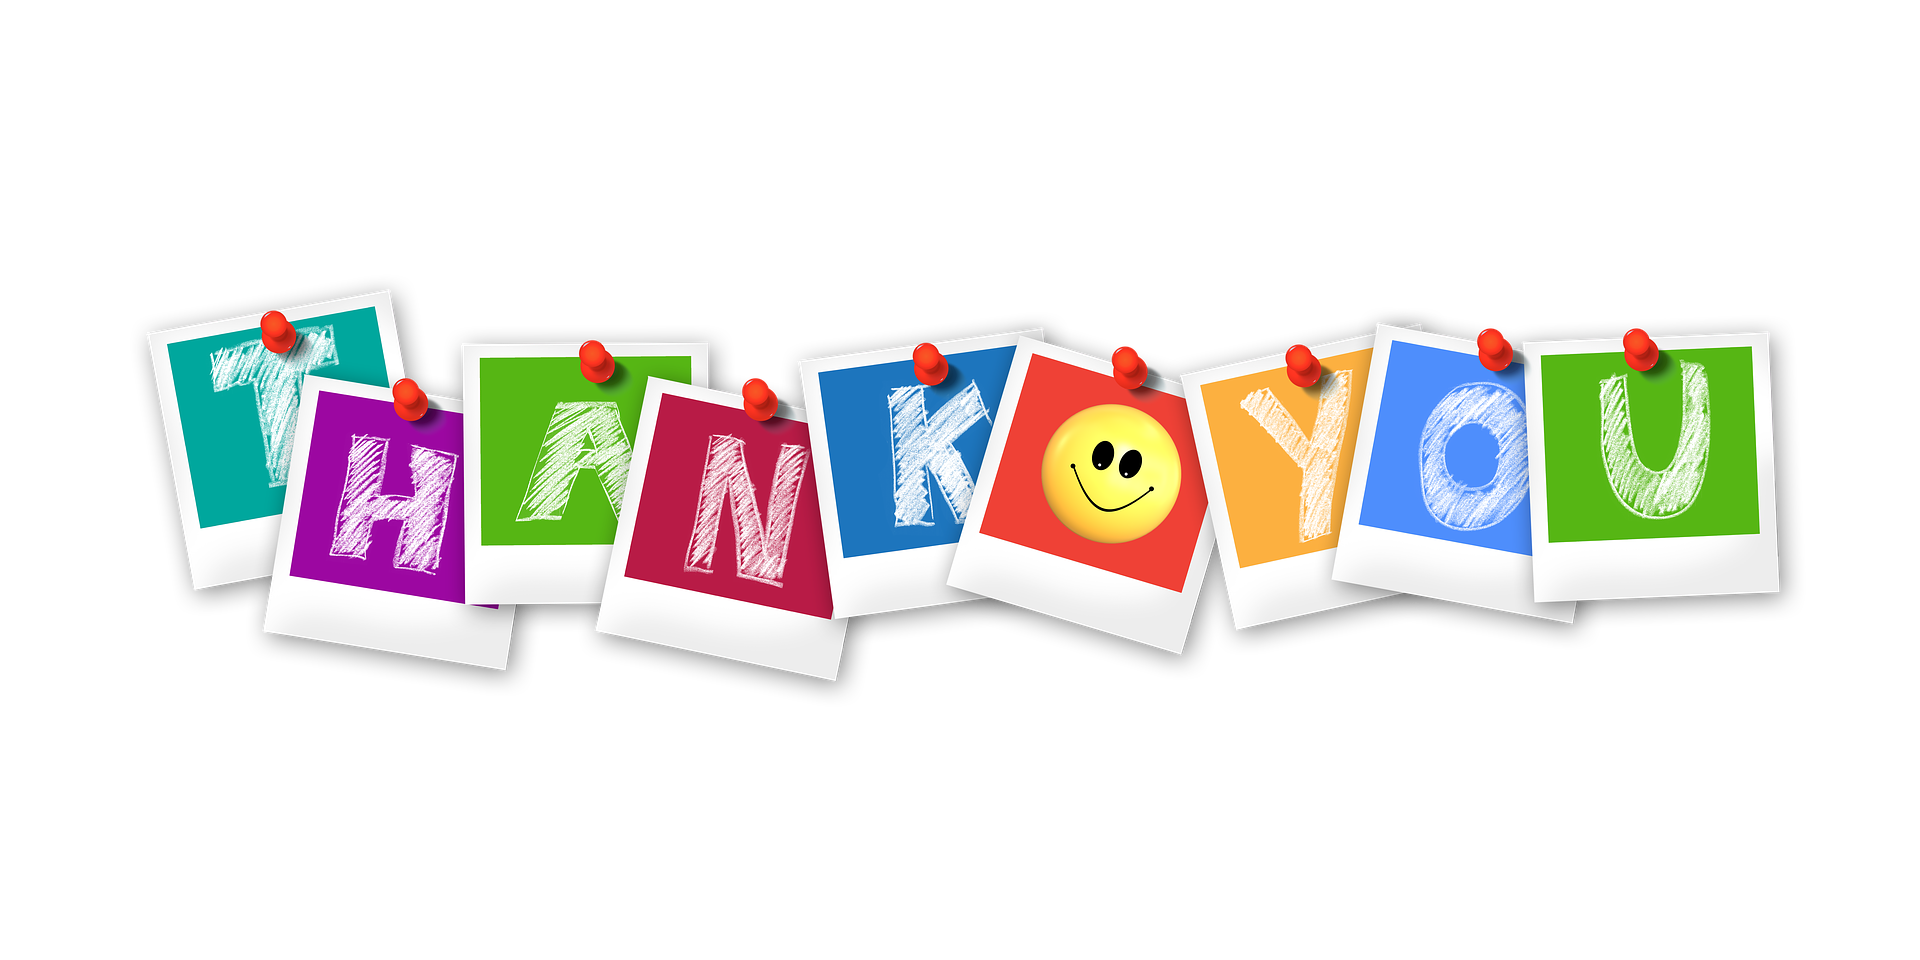 ThuThuatTinHoc - Slide cảm ơn đẹp (5)